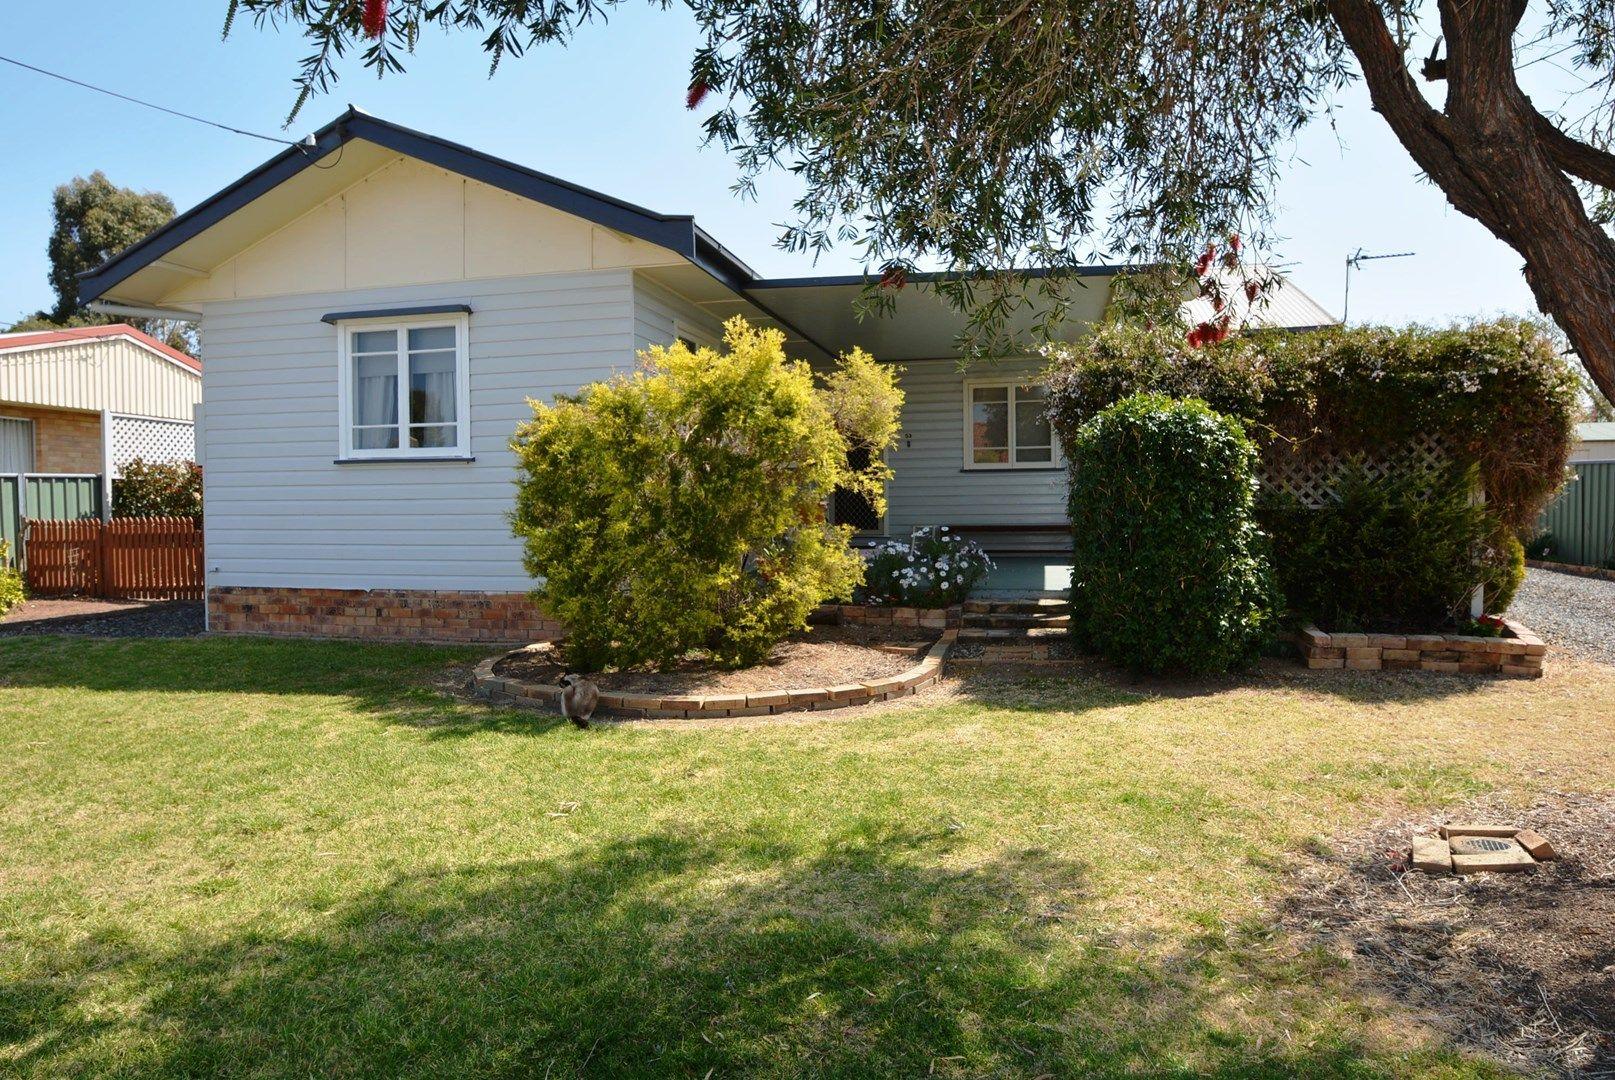 53 Acacia Ave, Warwick QLD 4370, Image 0